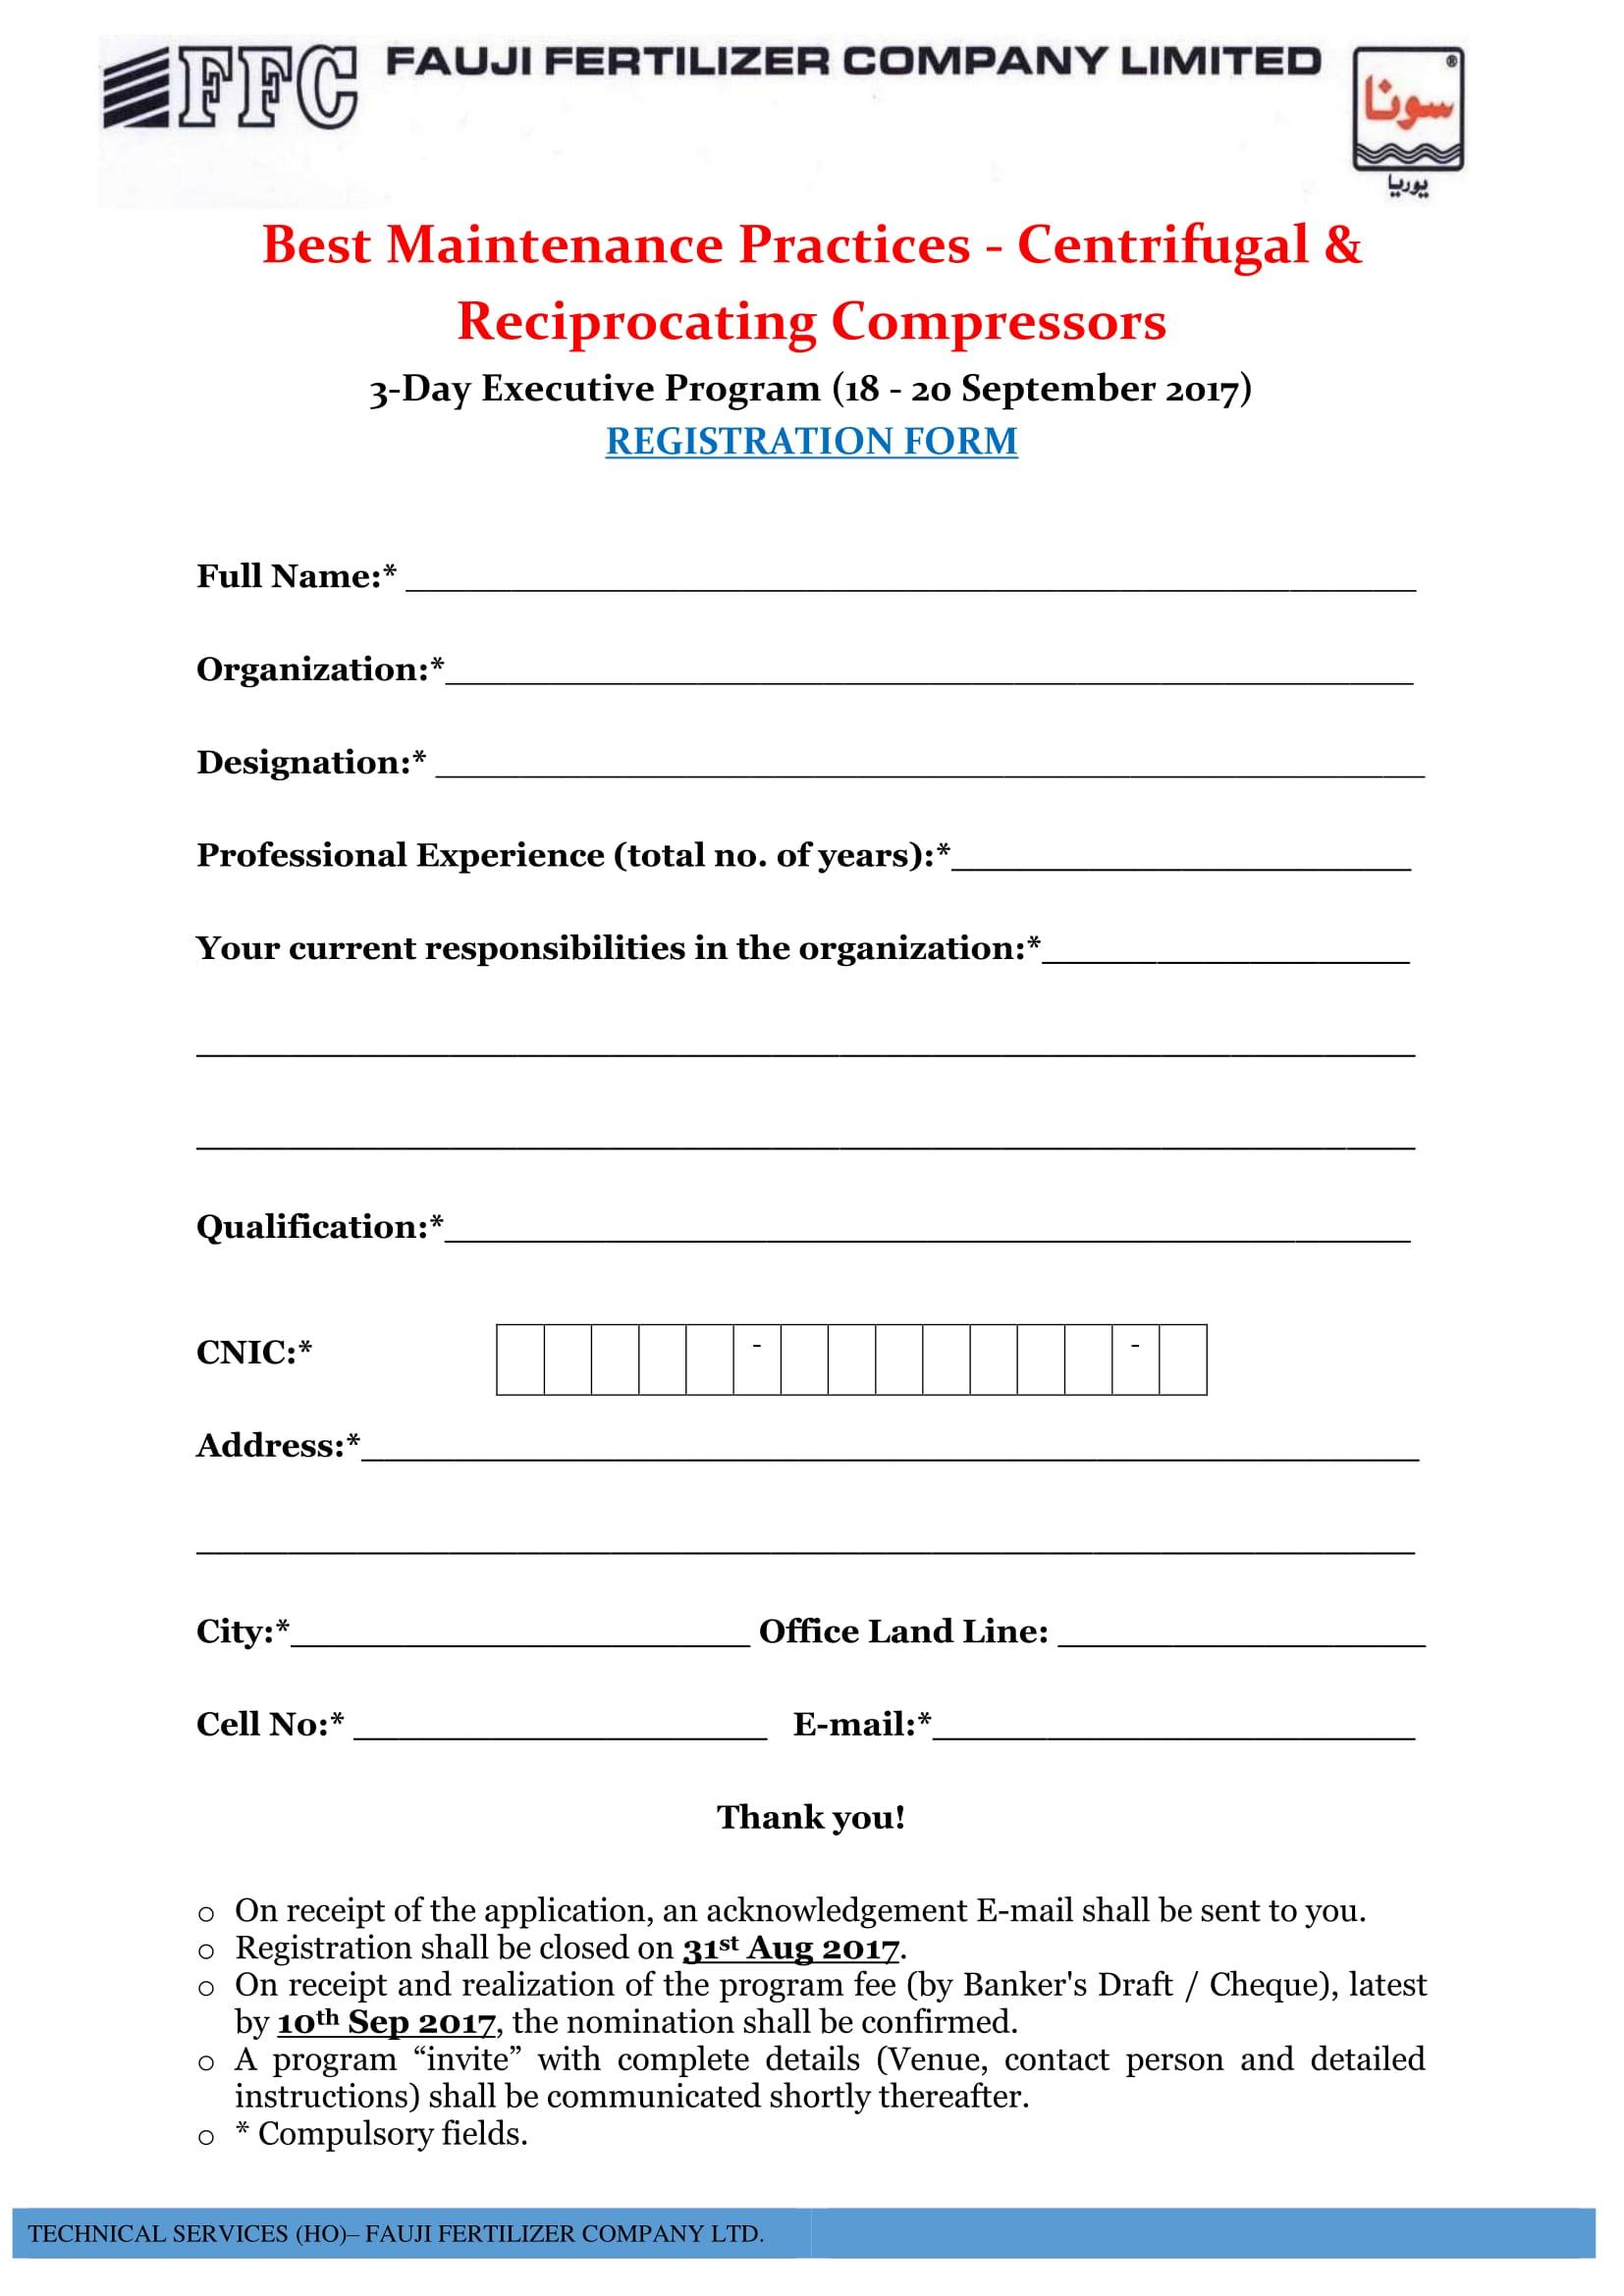 executive program event registration form 1